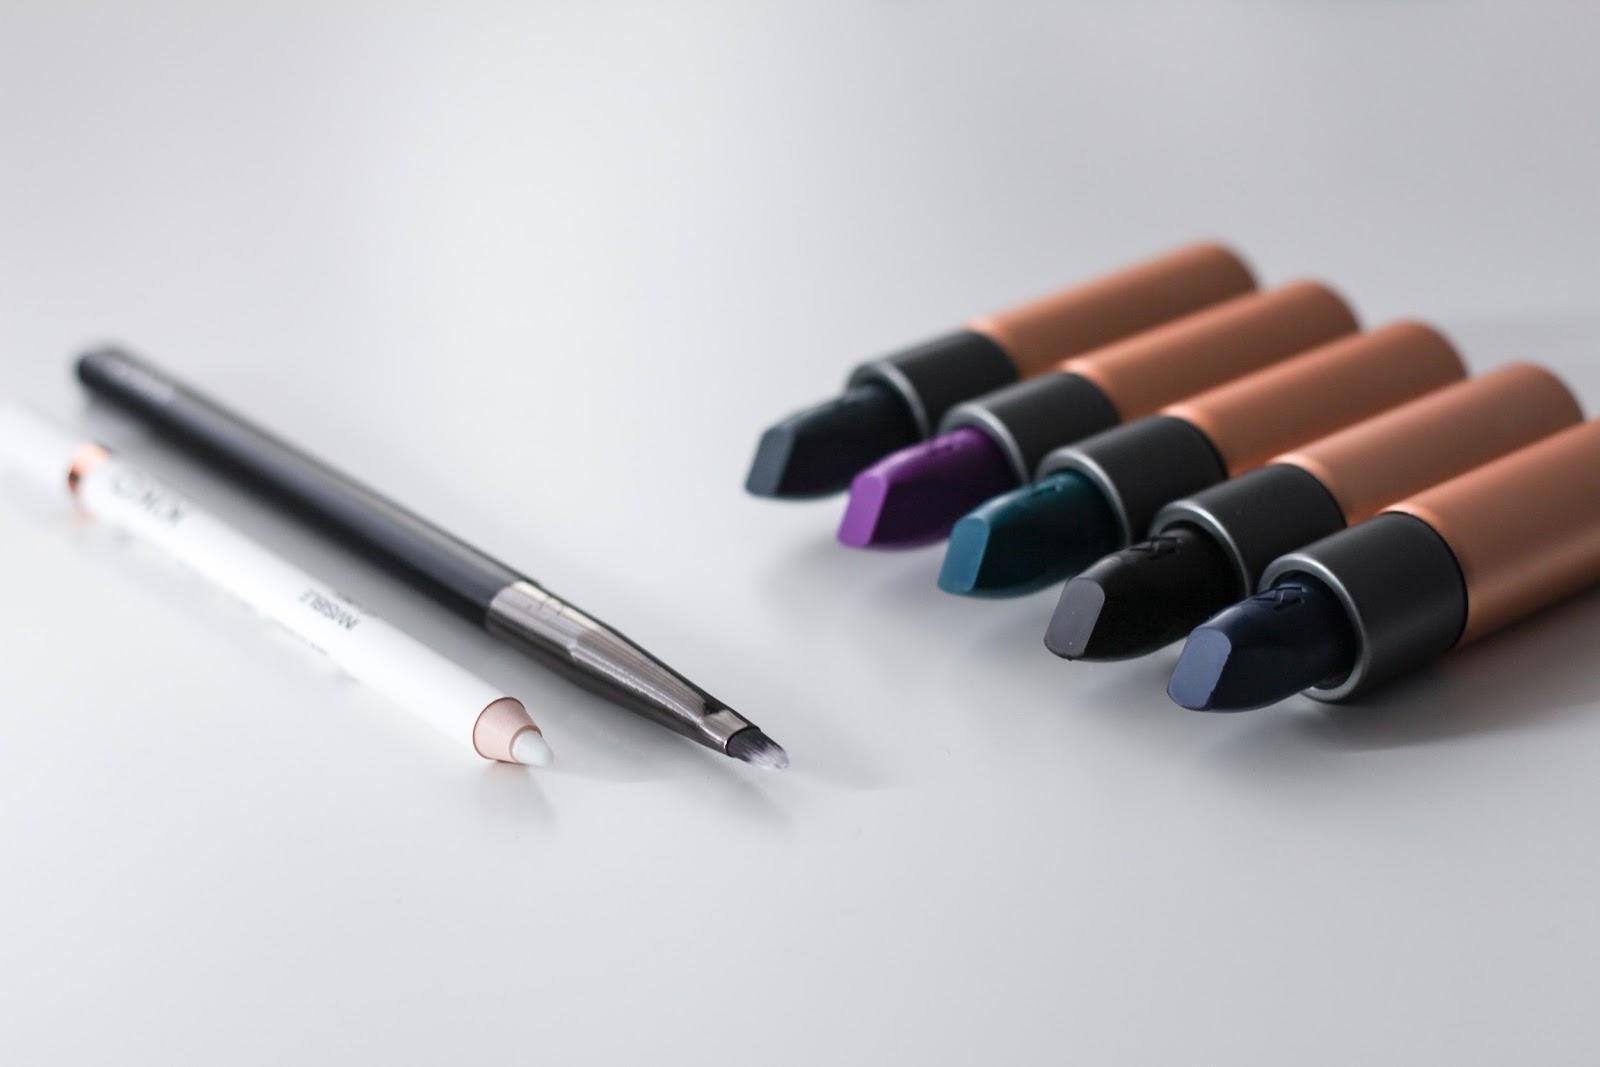 I nuovi pennelli Kiko Milano per il make up, linea Brush Experts